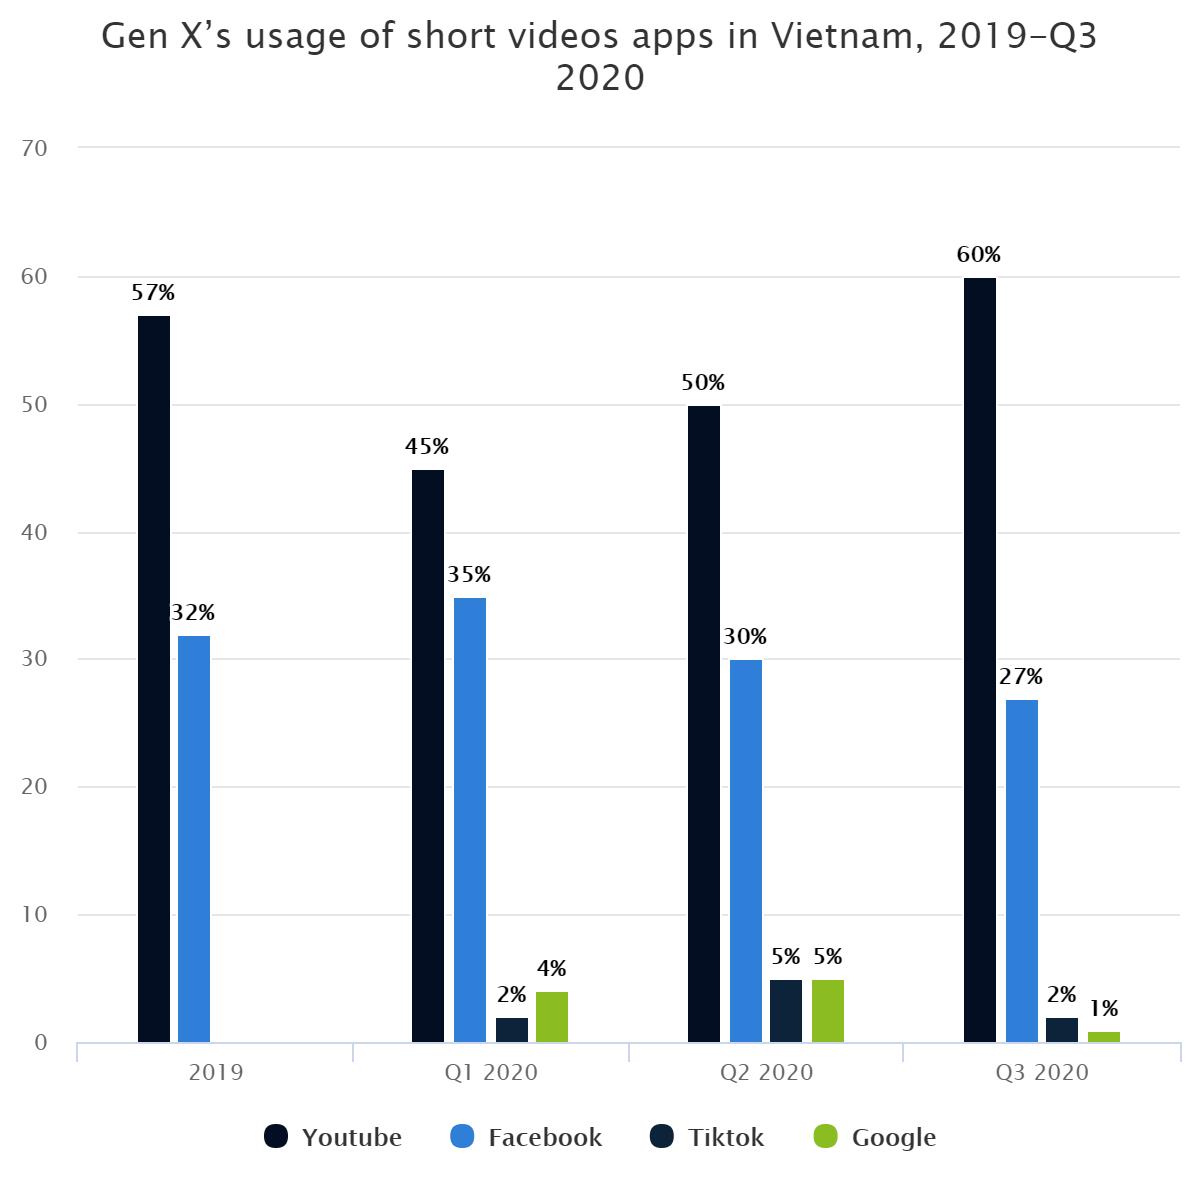 Gen X's usage of short videos apps in Vietnam, 2019-Q3 2020